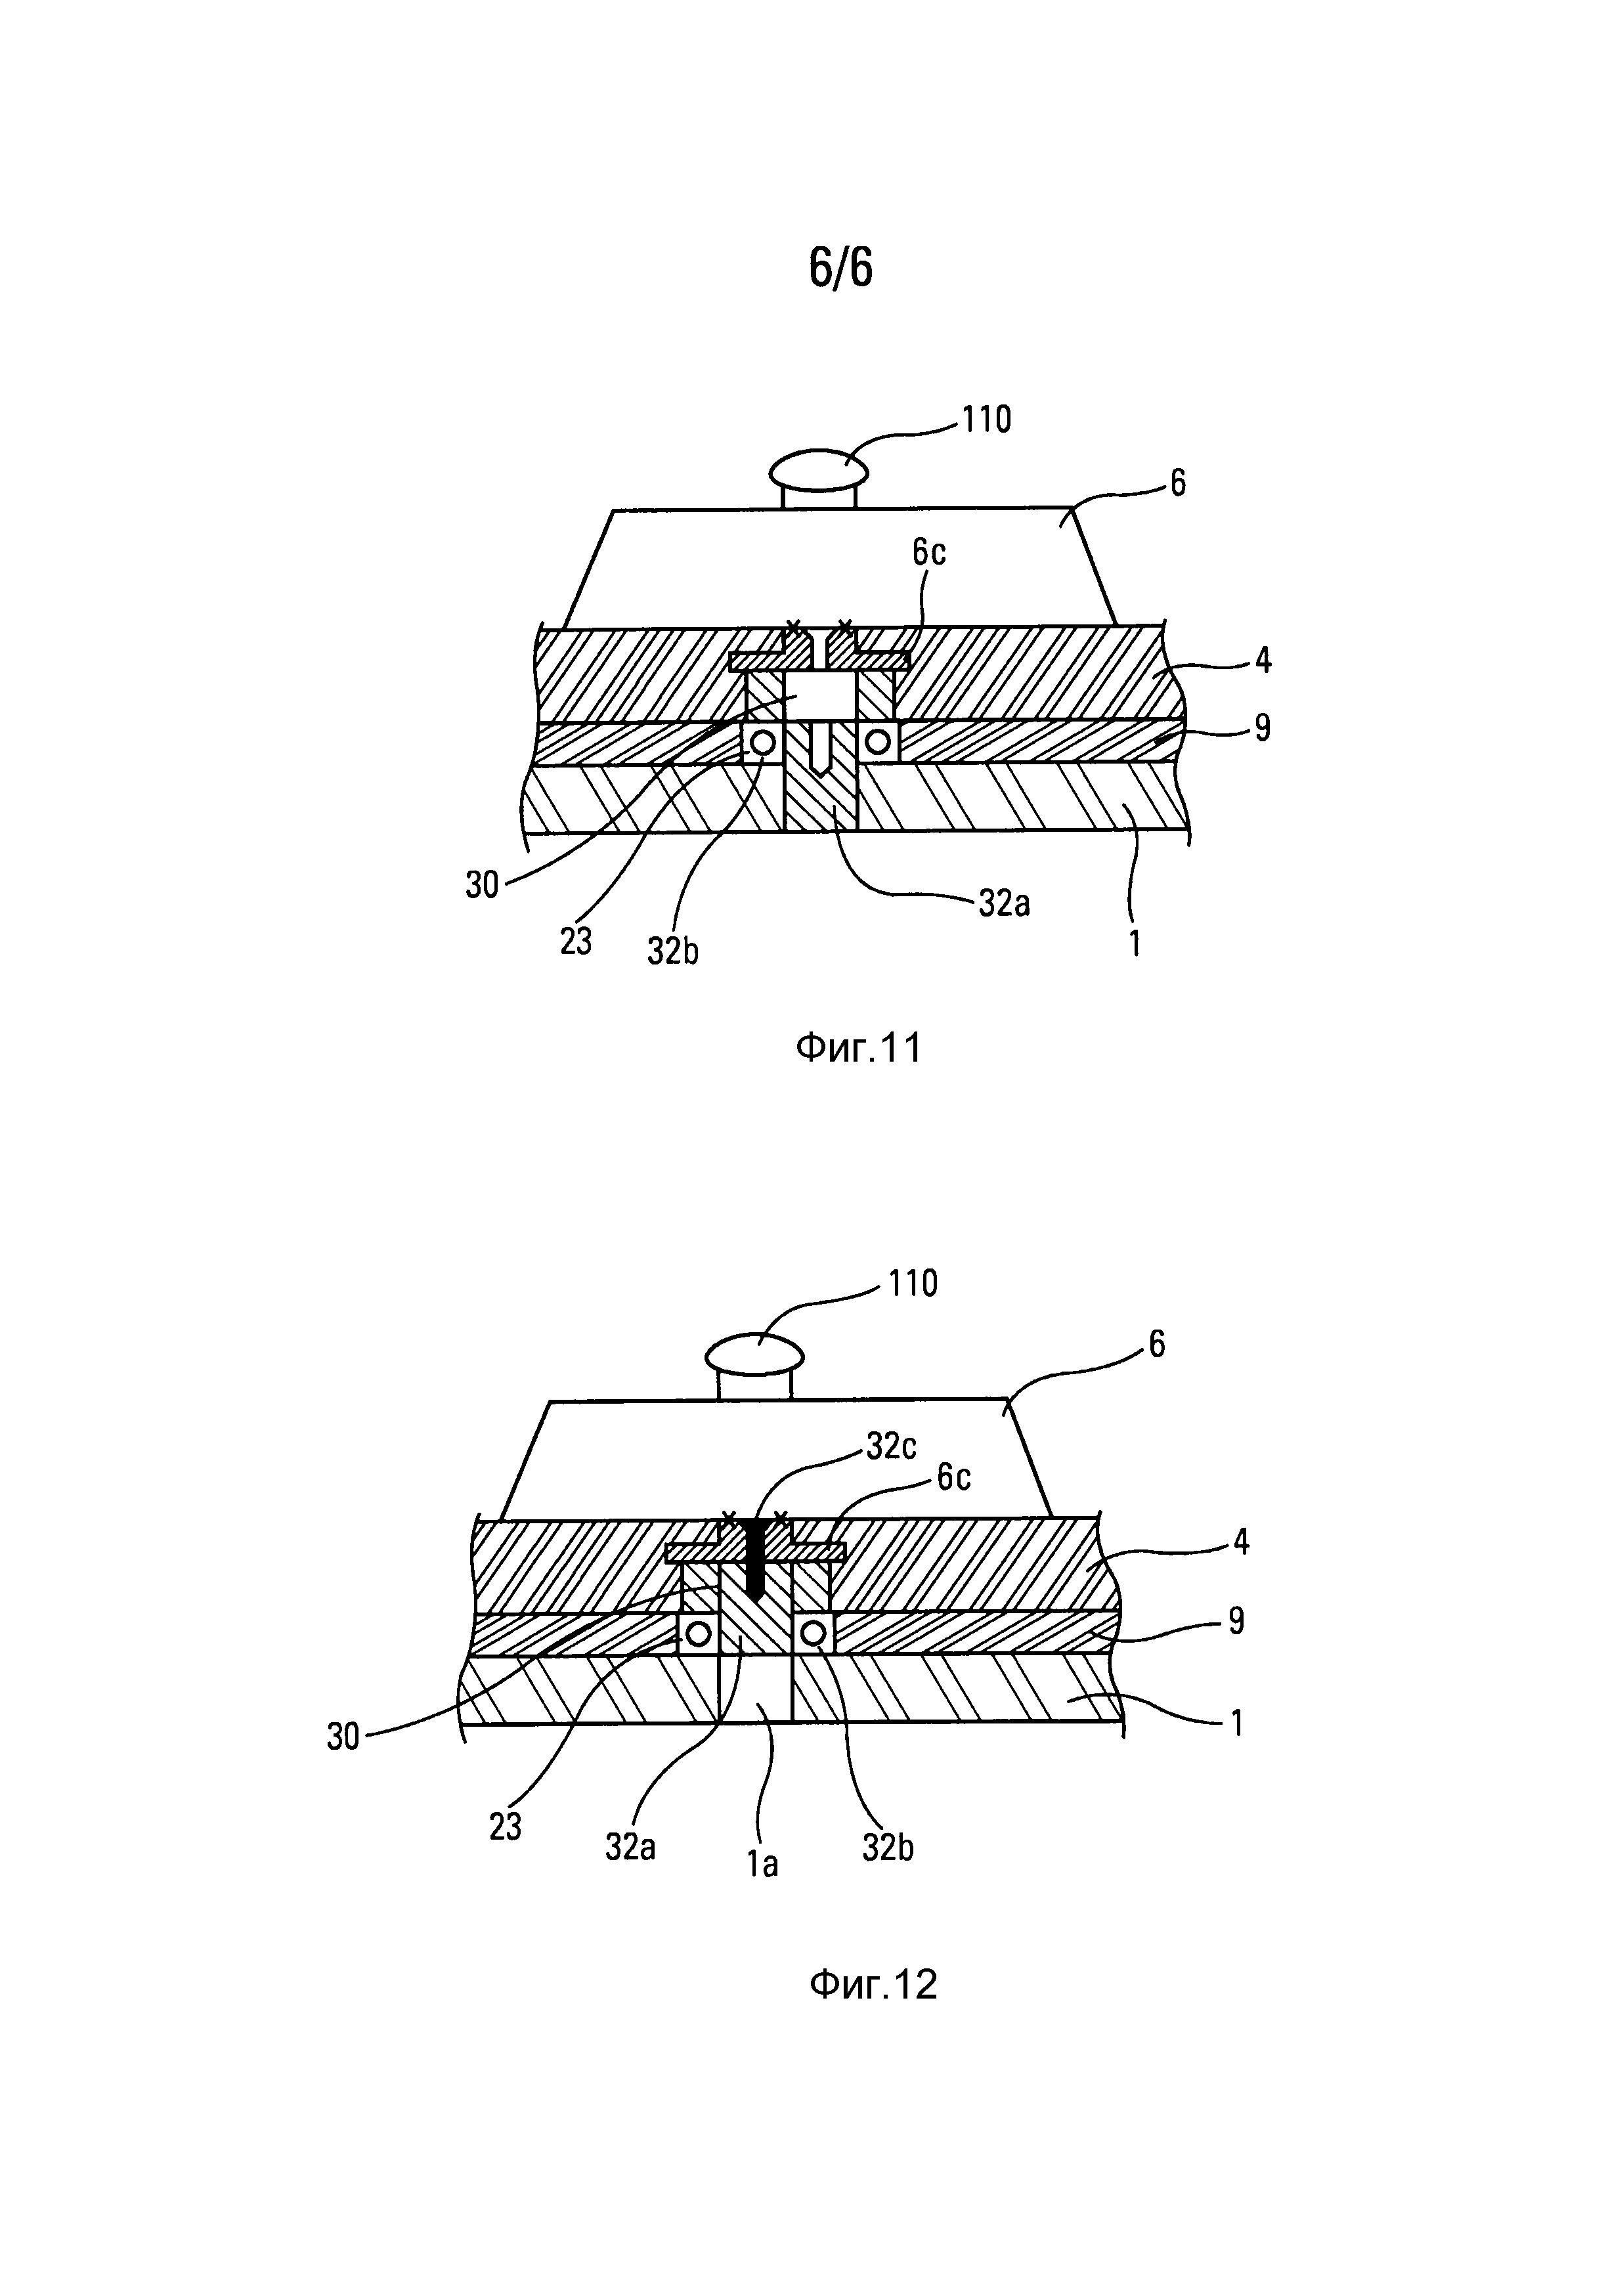 Литейная форма для изготовления деталей путем инжектирования воска